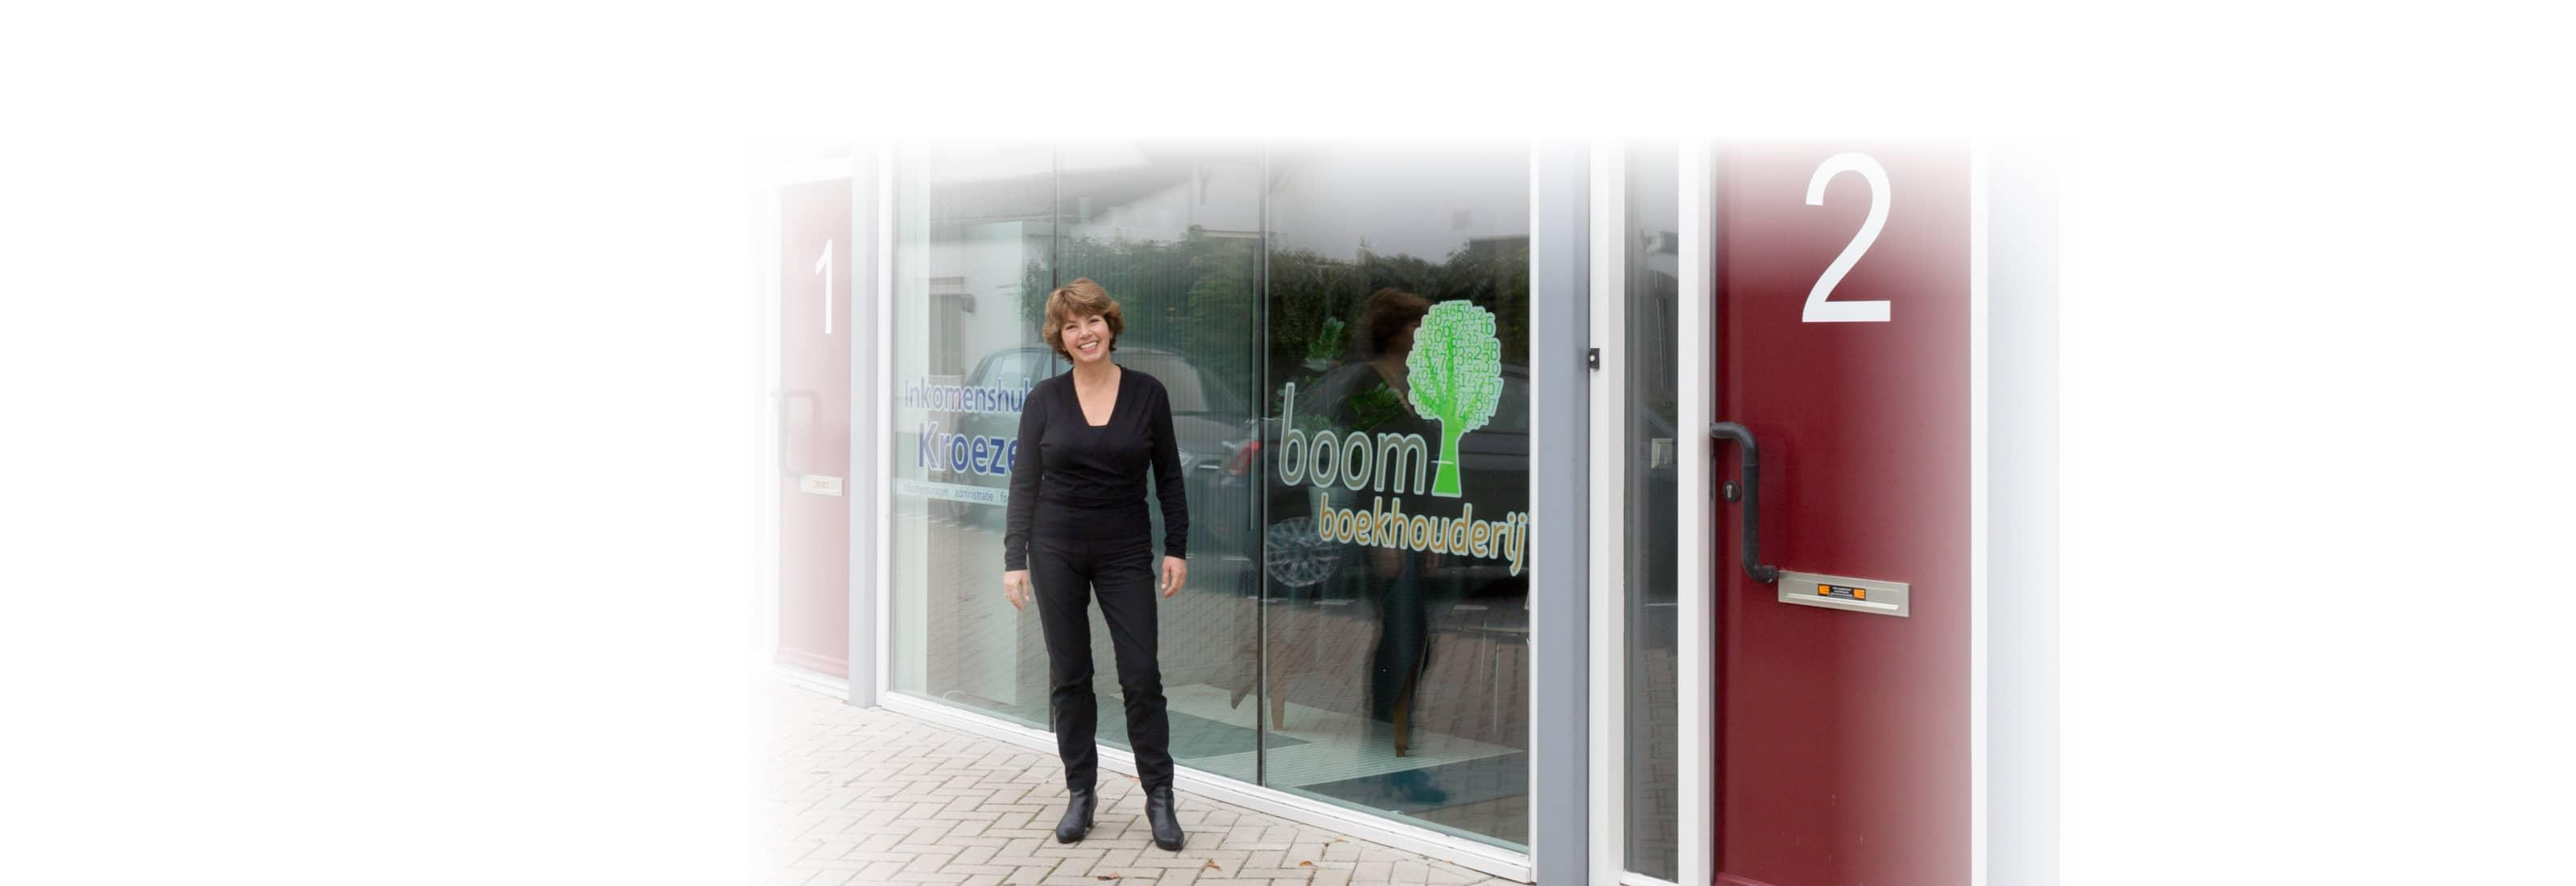 Boom Boekhouderij - Administratiekantoor in Vleuten